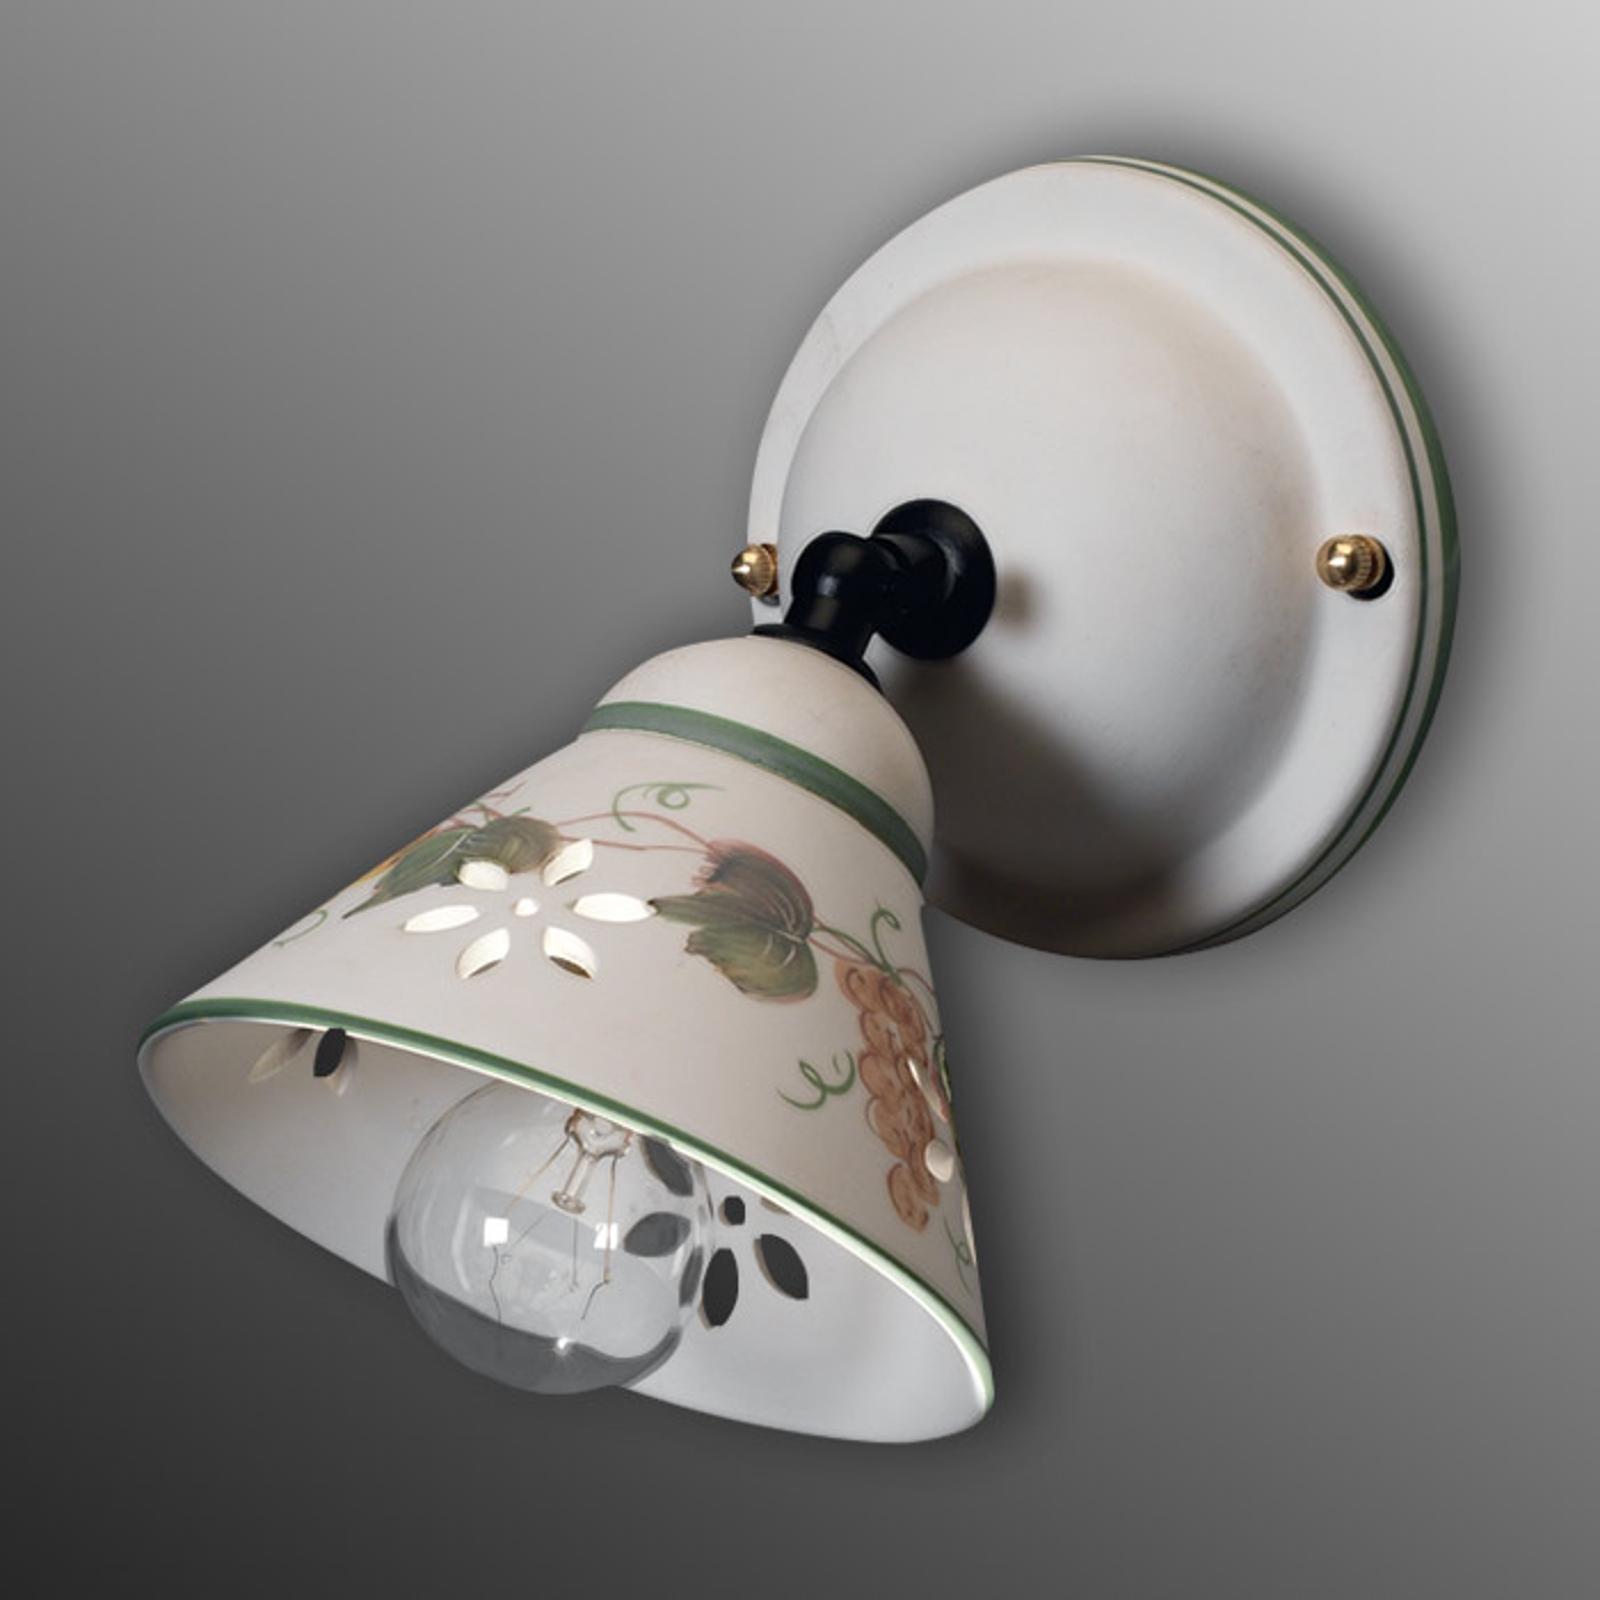 Ceramic wall light Vigna_3046008_1